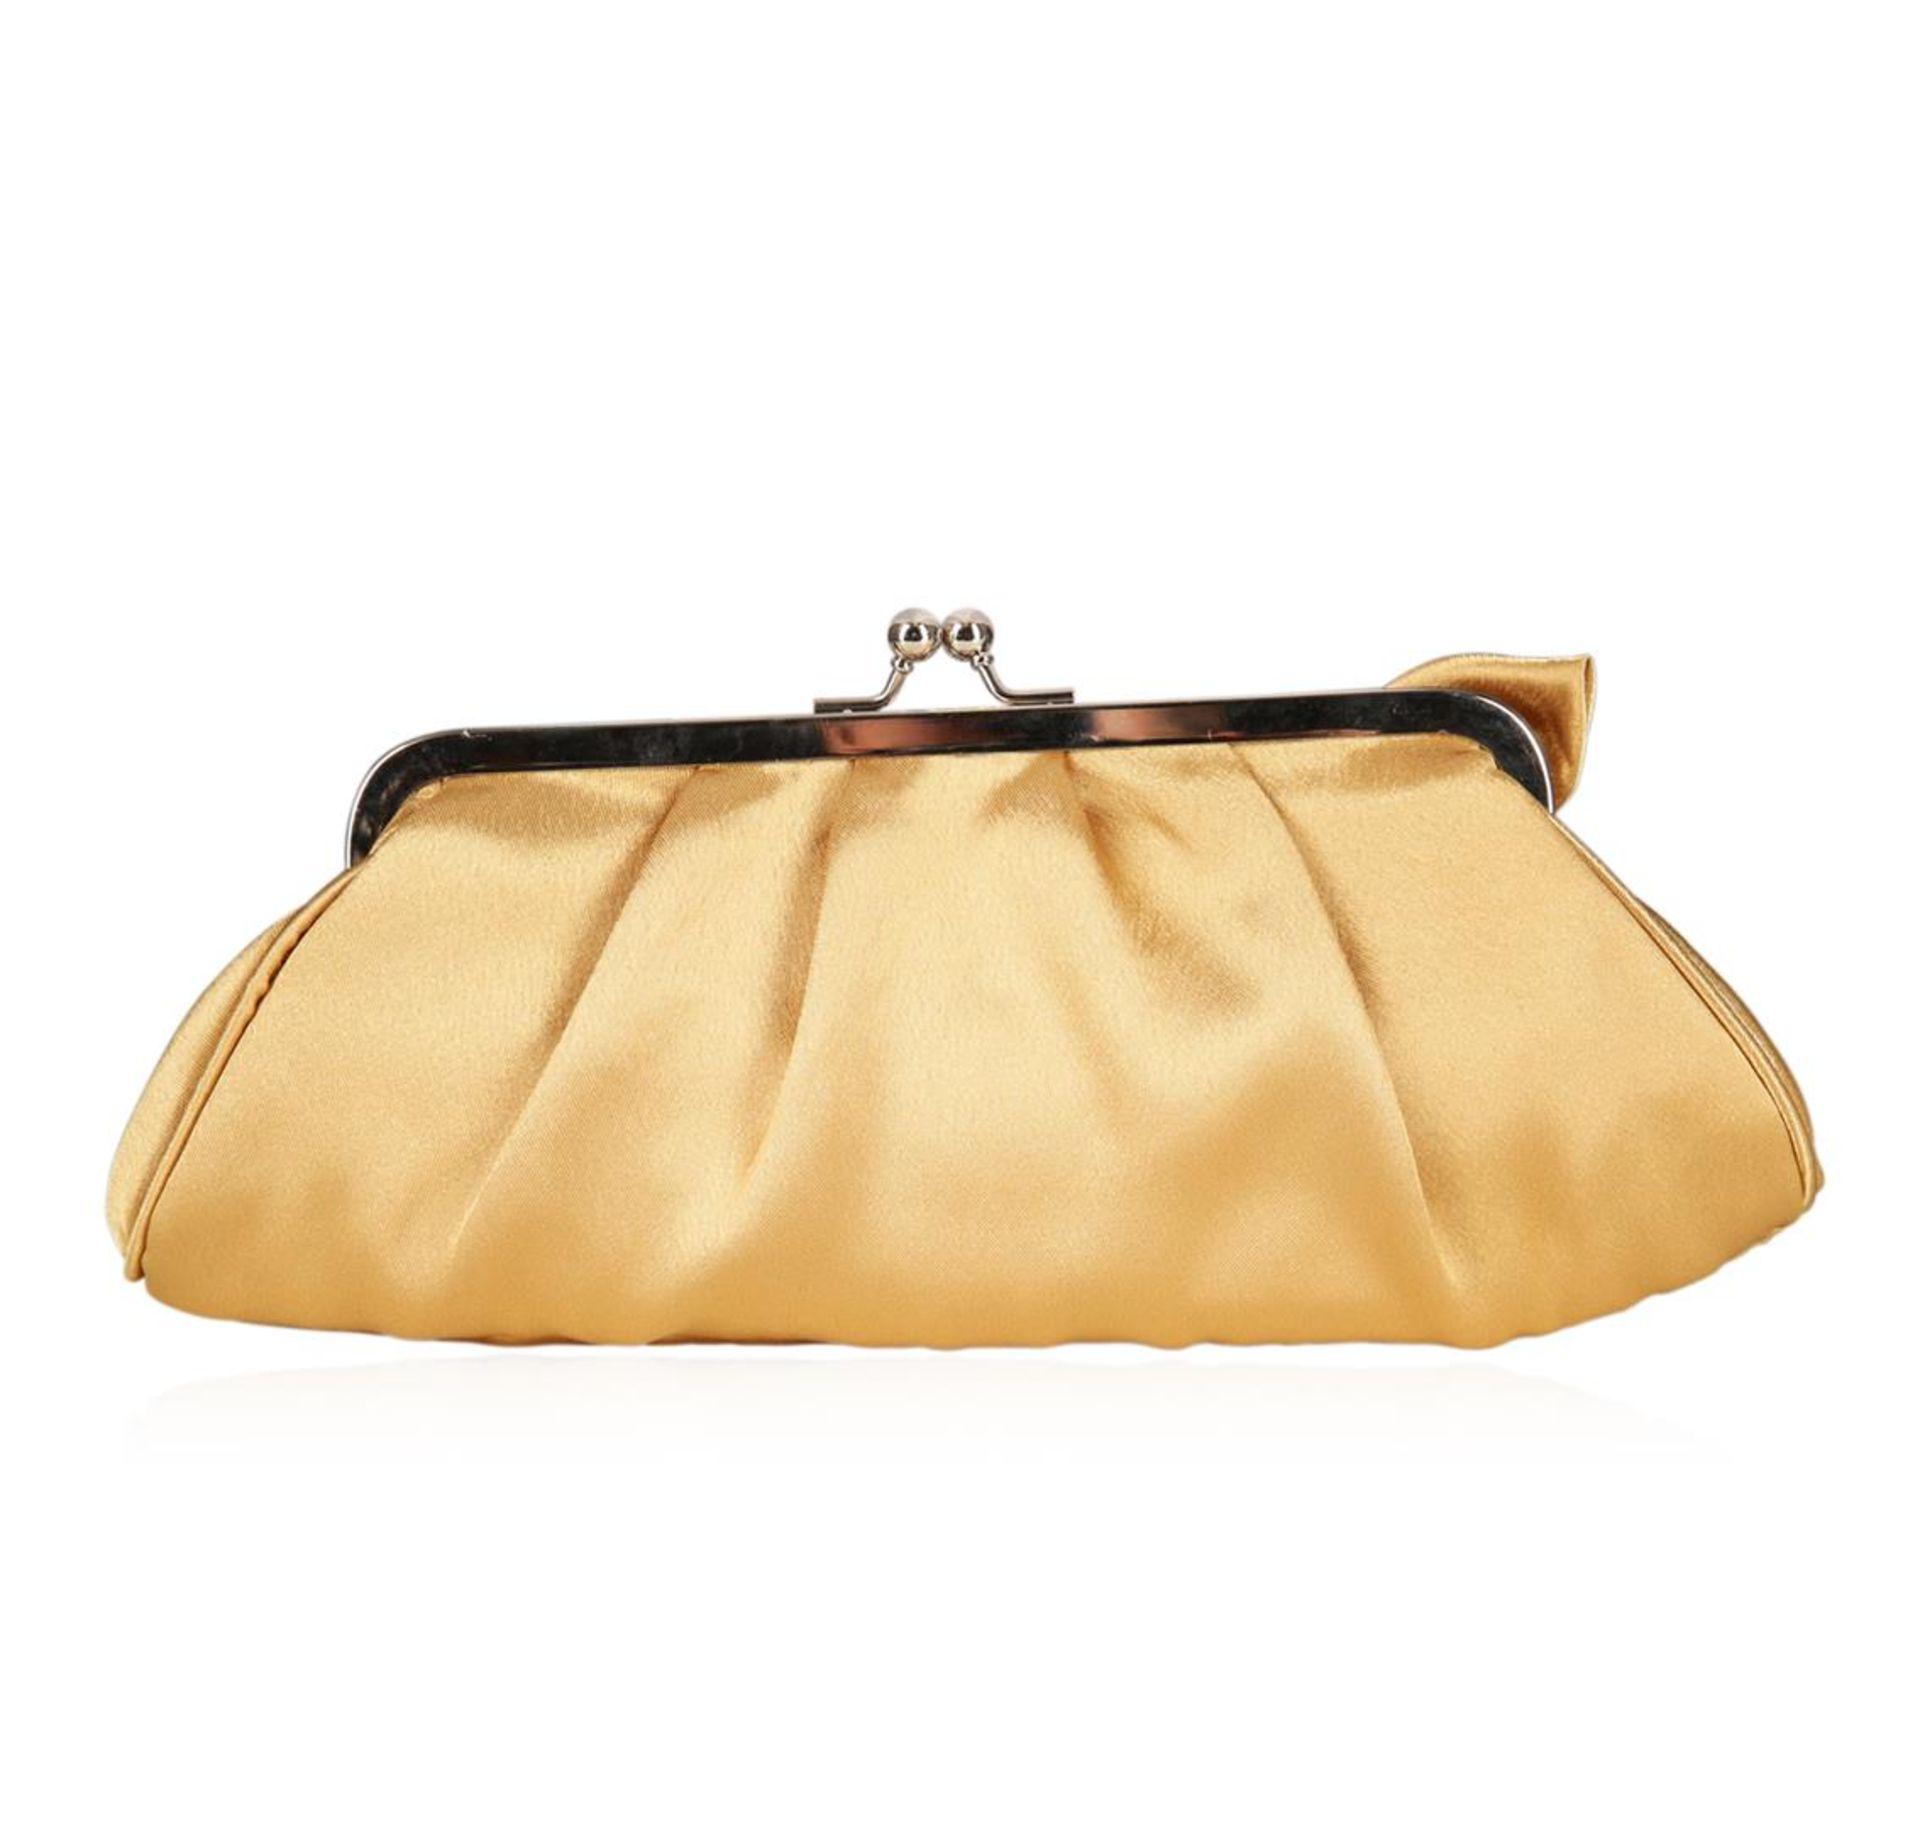 SCP Evening Bag - Sami - Image 2 of 2